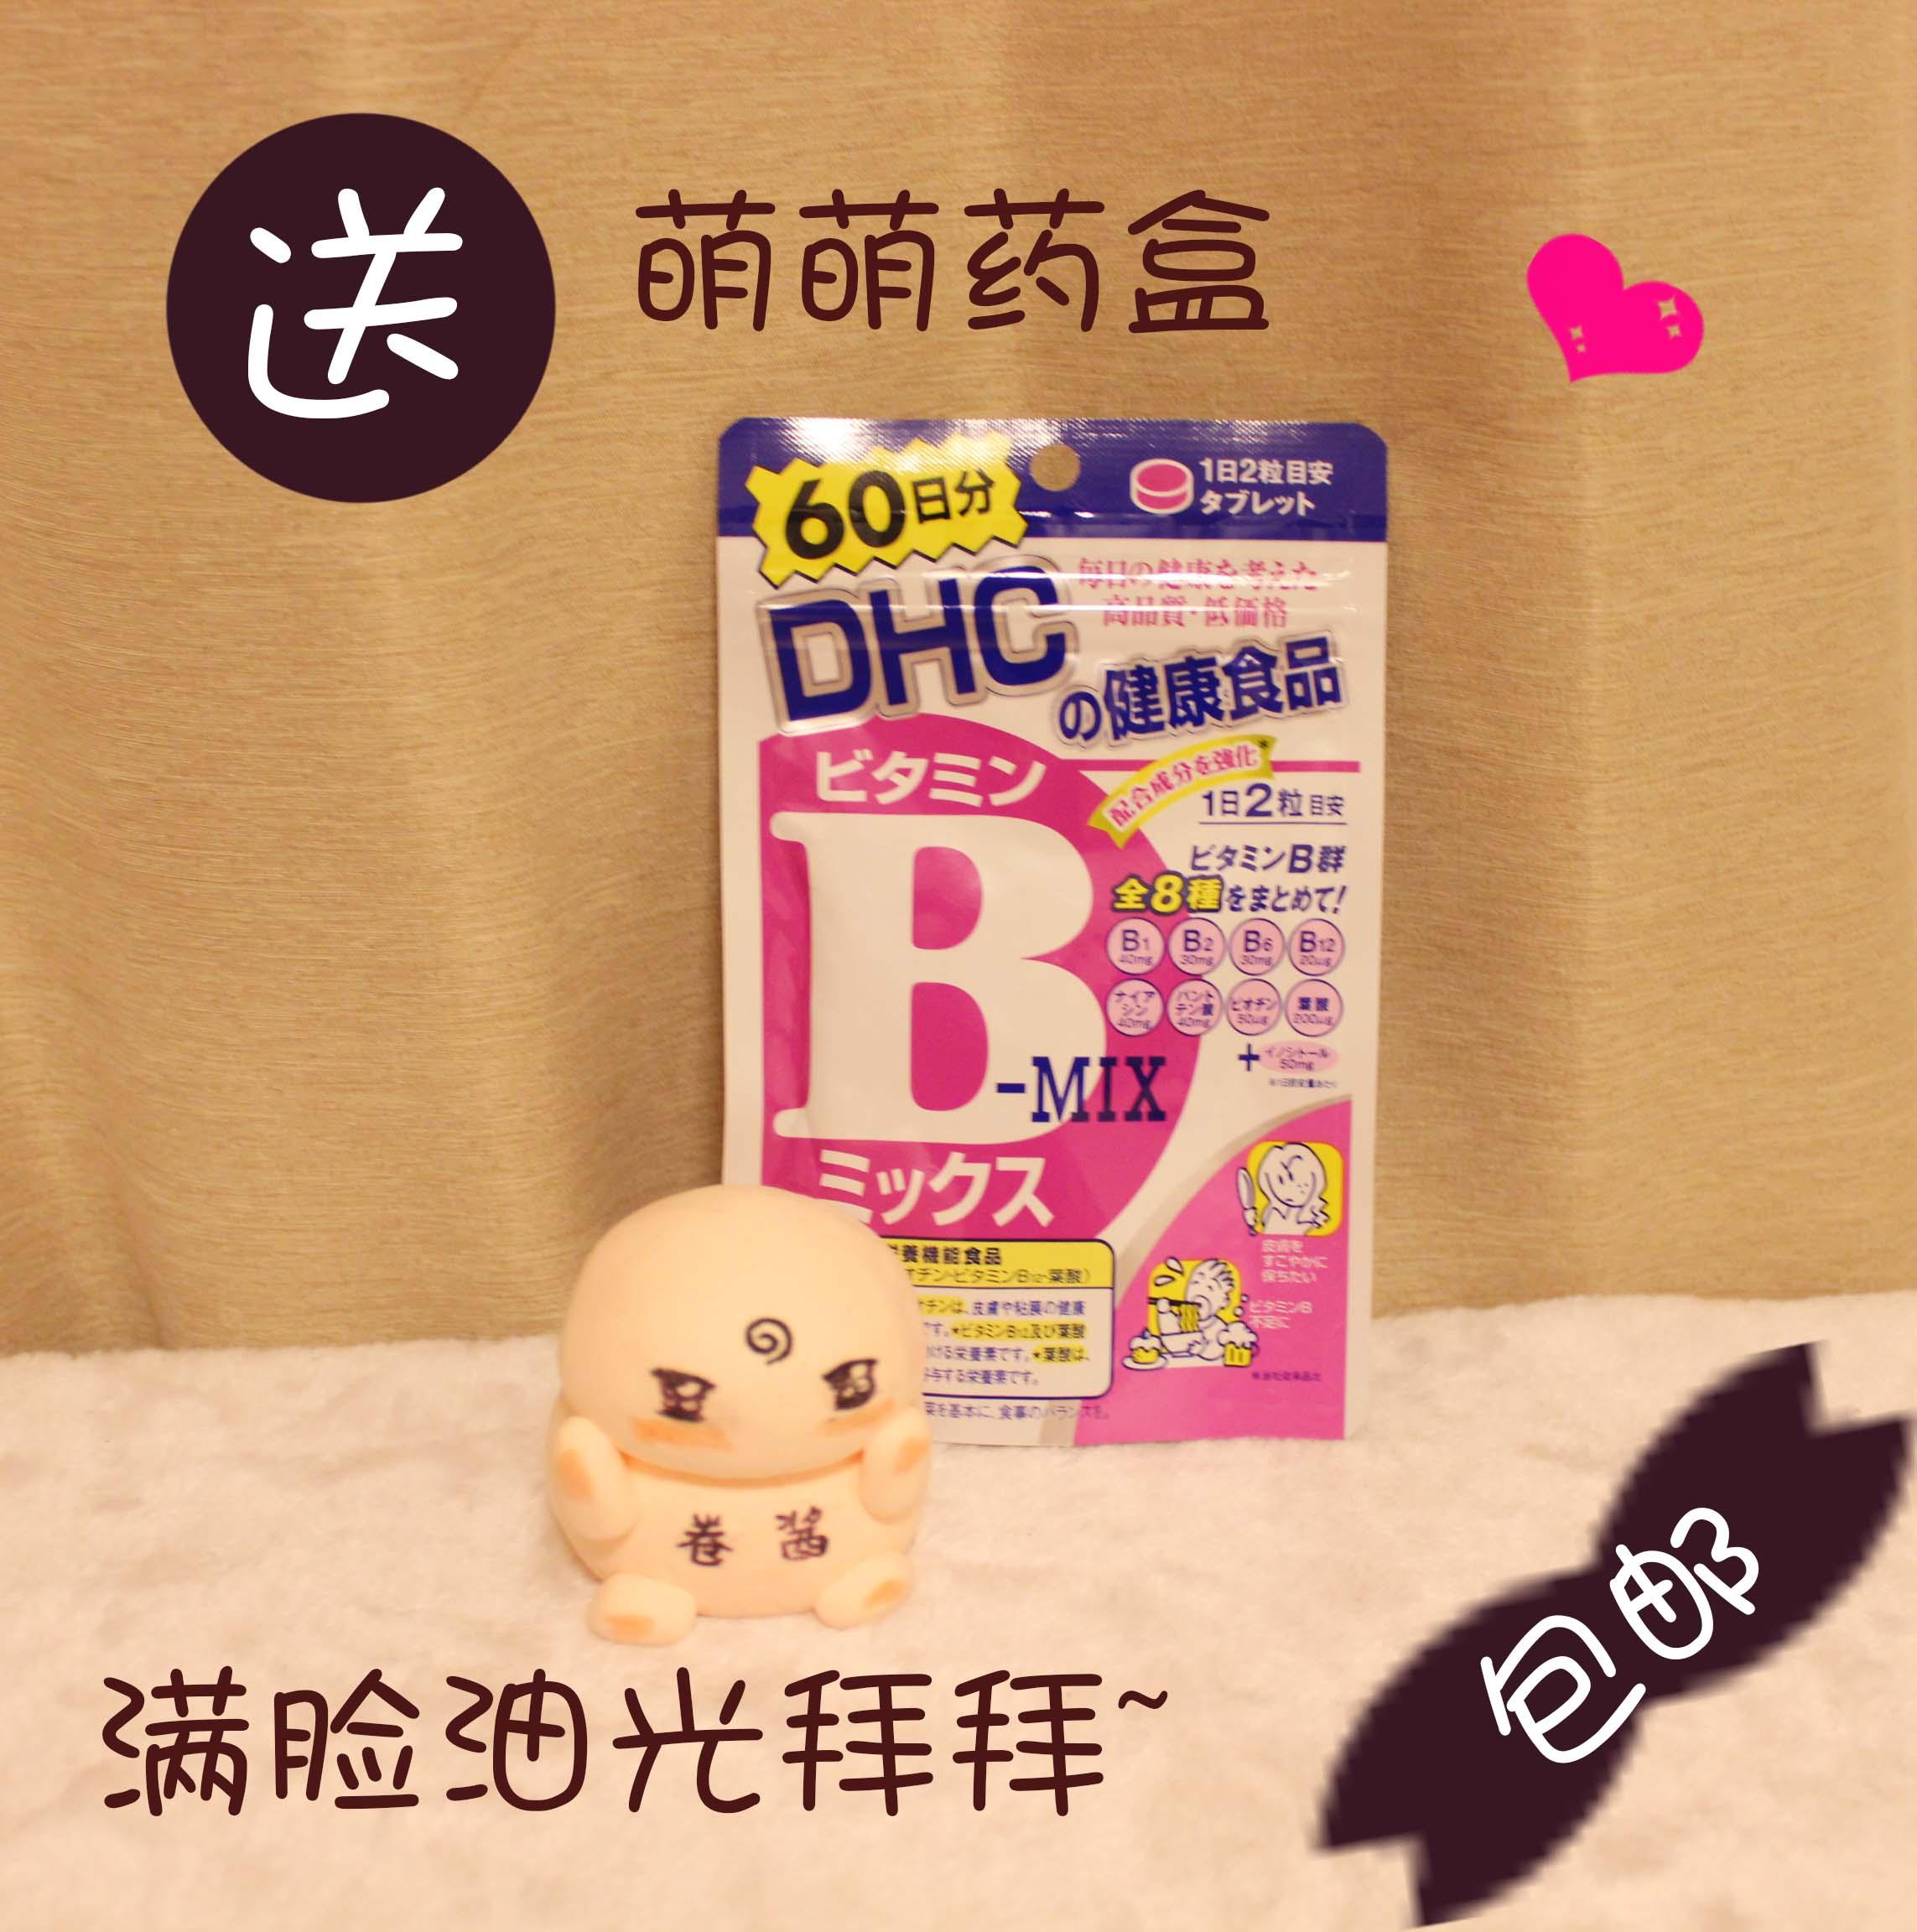 [【] товар в наличии [】日本] в оригинальной упаковке [DHC维生素B族片 60日控油痘痘肌熬夜党 维他命VB]